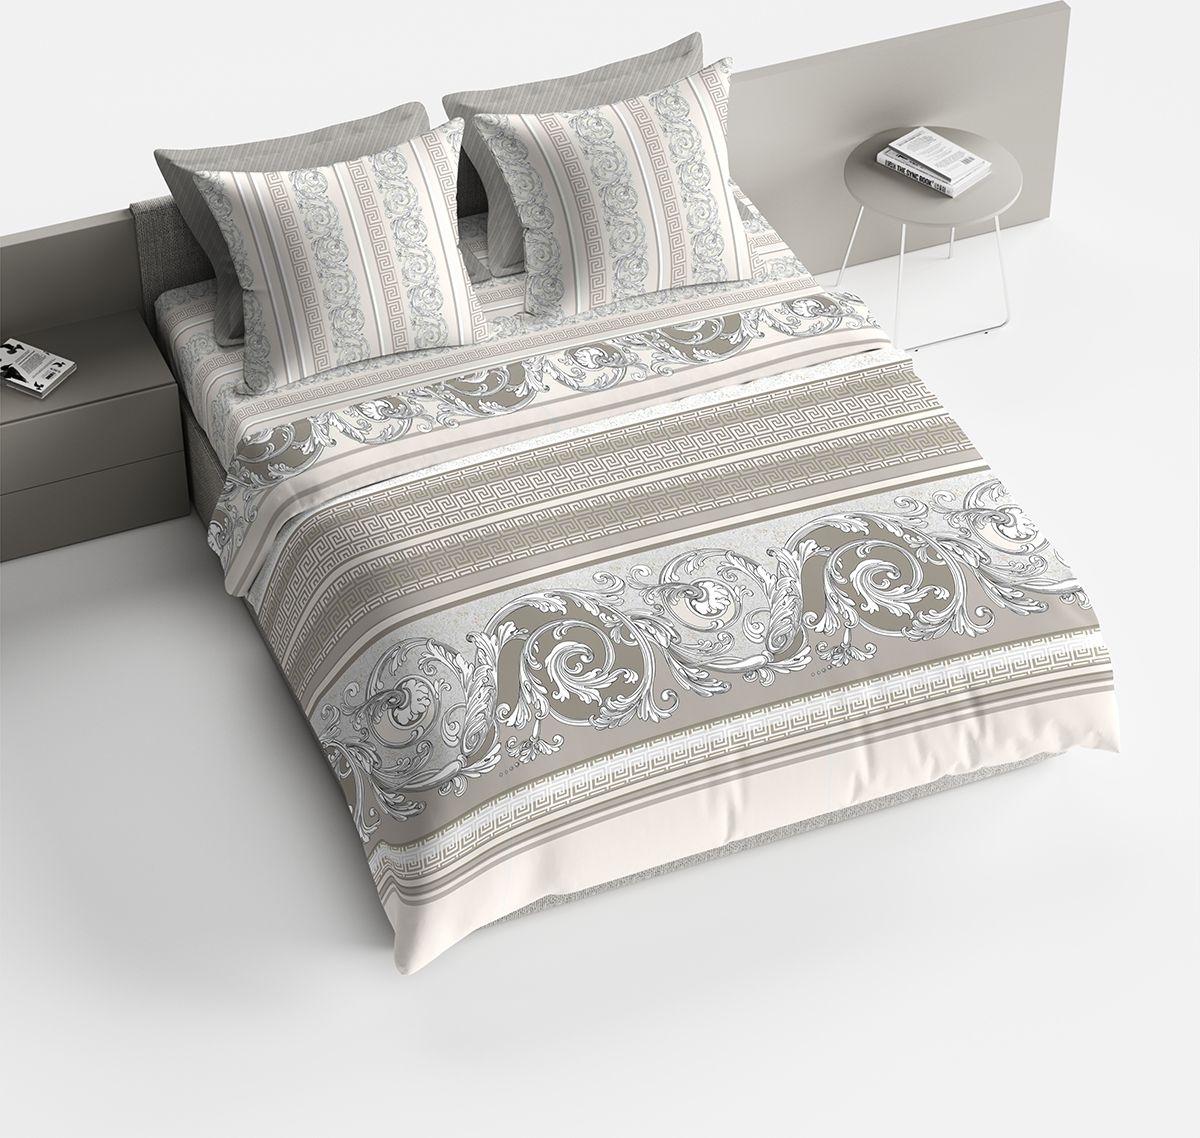 Комплект белья Bravo Барокко, 1,5-спальный, наволочки 70x70, цвет: серый90410Постельное белье Bravo изготавливается из ткани Lux Cotton (высококачественный импортный поплин), сотканной из длинноволокнистого египетского хлопка, создано специально для людей с оригинальным вкусом, предпочитающим современные решения в интерьере. В процессе производства применяются только стойкие и экологически чистые красители, поэтому это белье можно использовать и для детей. Обновленная стильная упаковка делает этот комплект отличным подарком.- Равноплотная ткань из 100% хлопка;- Обработана по технологии мерсеризации и санфоризации;- Мягкая и нежная на ощупь;- Устойчива к трению;- Обладает высокими показателями гигроскопичности (впитывает влагу); Выдерживает частые стирки, сохраняя первоначальные цвет, форму и размеры.